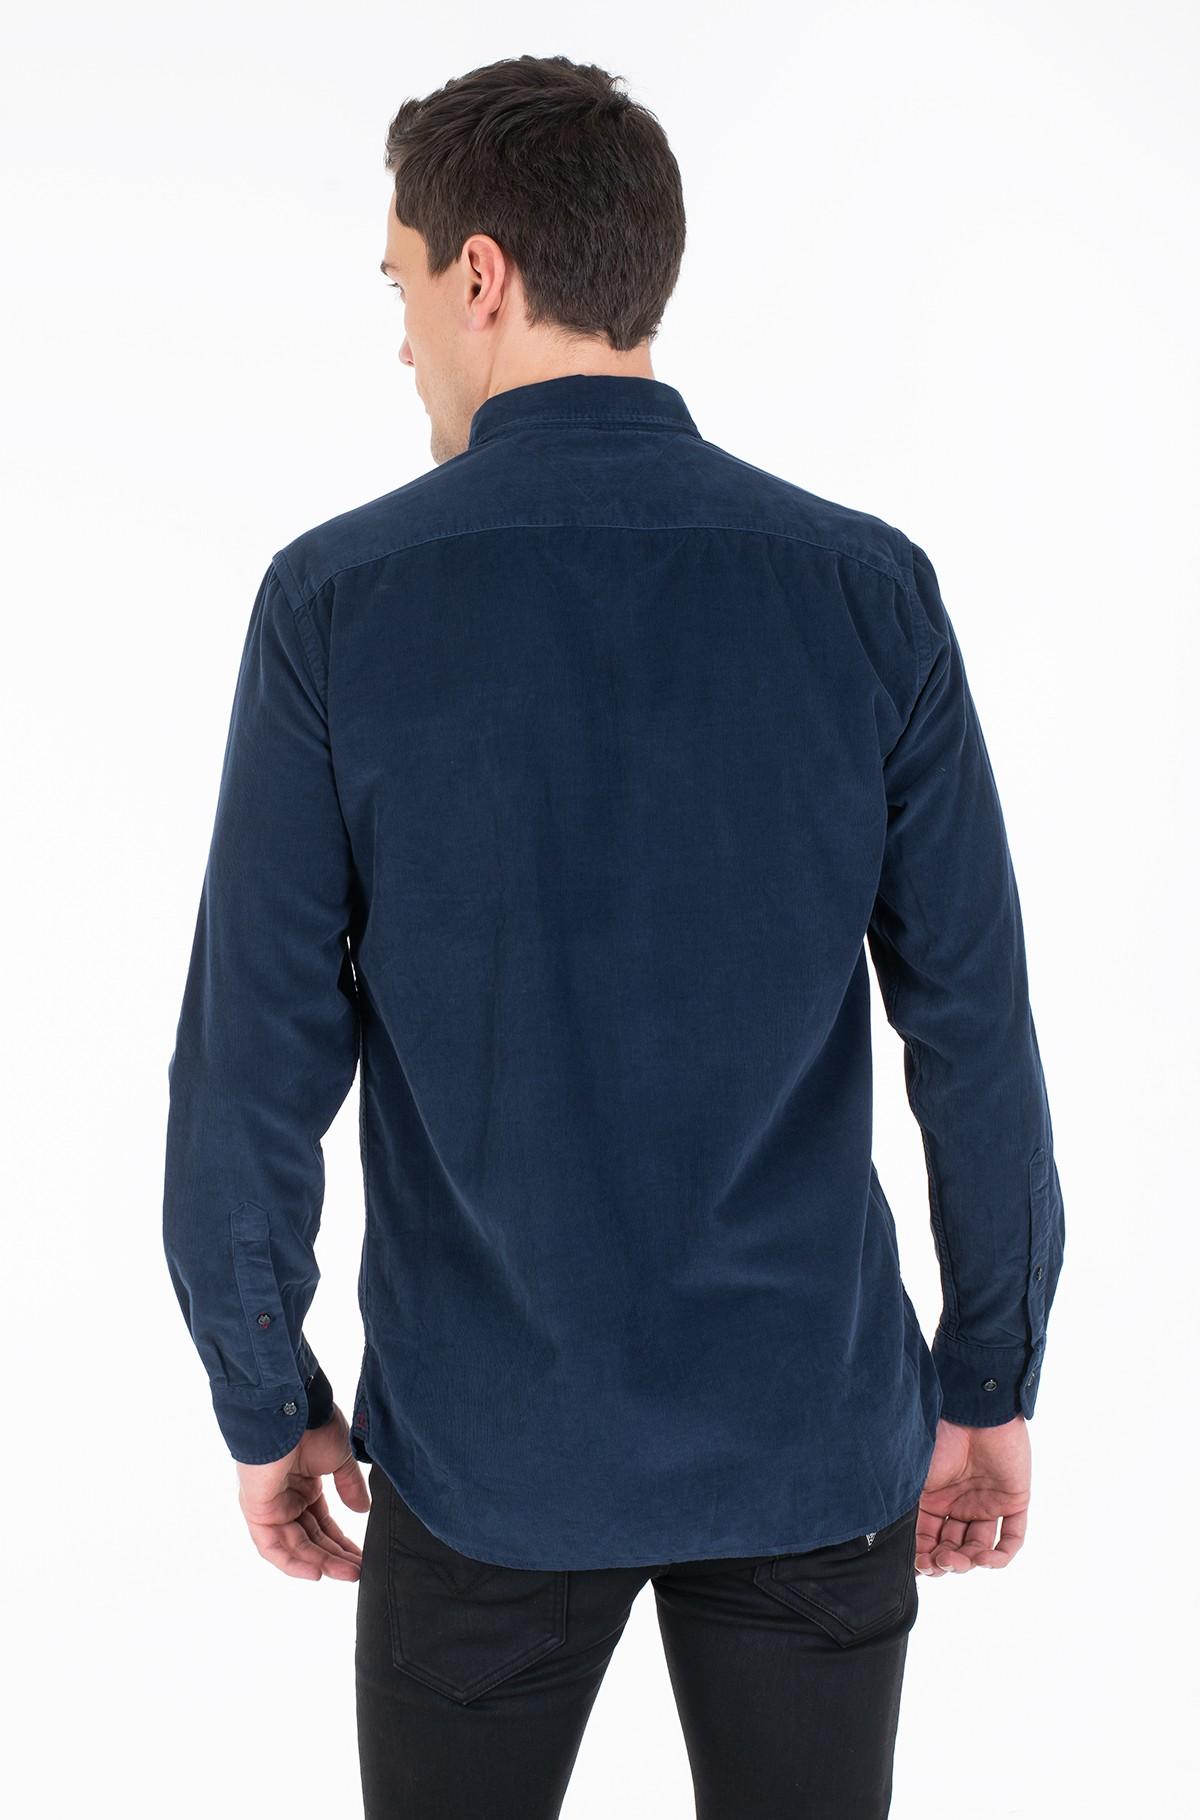 Velvetiniai marškiniai GARMENT DYED CORDUROY SHIRT-full-3